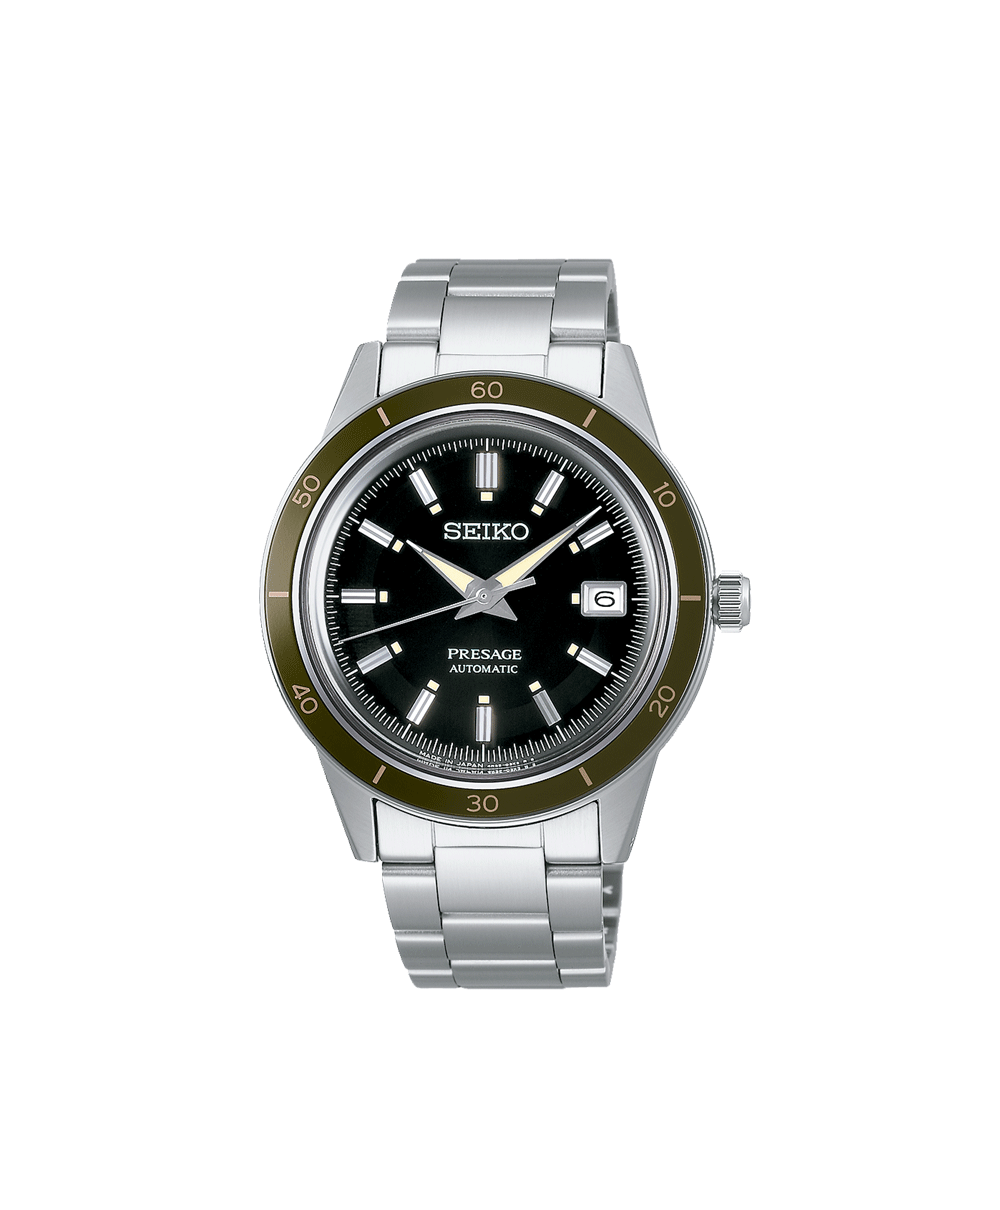 Reloj Seiko Presage Style 60 Automático Verde Olivo SRPG07J1